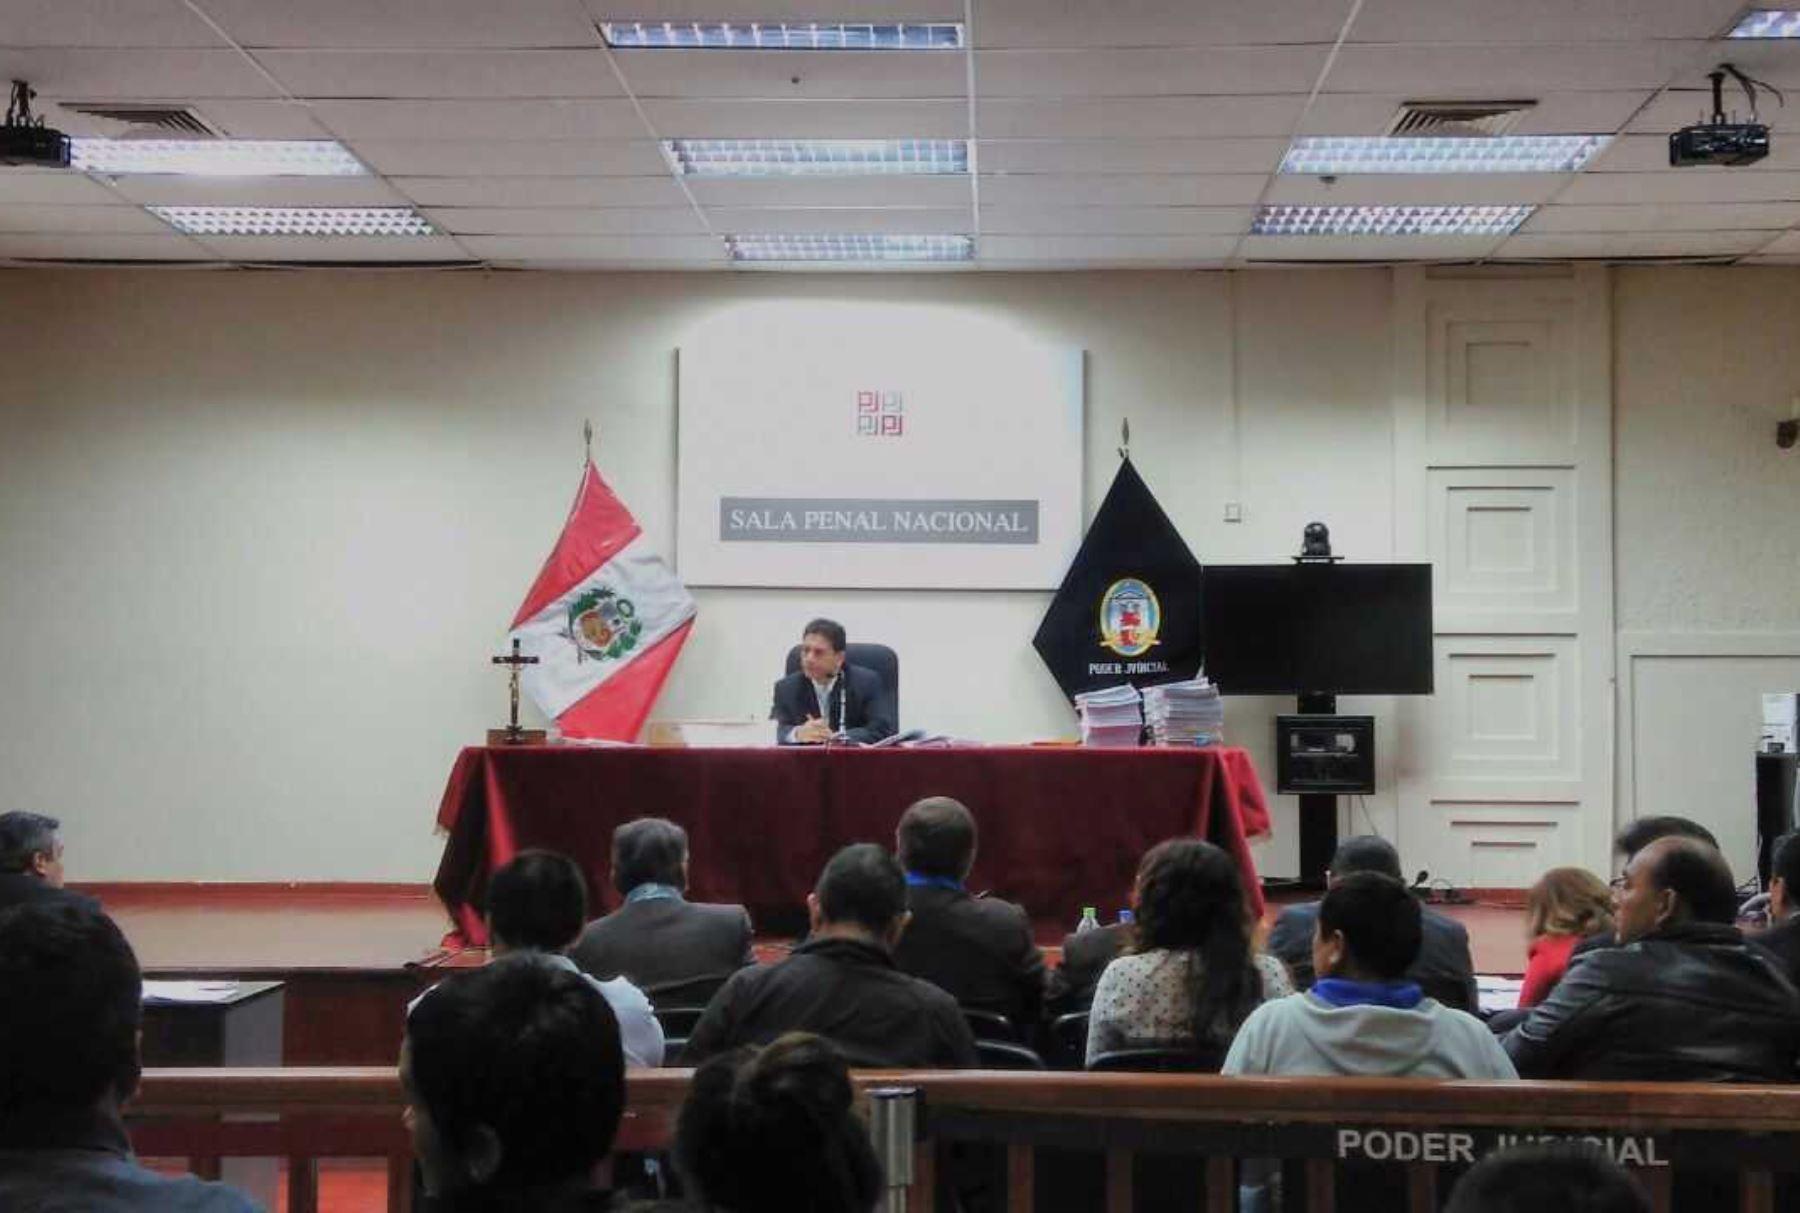 Primer Juzgado Penal Nacional dictó 18 meses de prisión preventiva contra el alcalde de la provincia de Tocache), David Bazán Arévalo, por el presunto delito de favorecimiento al terrorismo y vínculos con el narcotráfico.